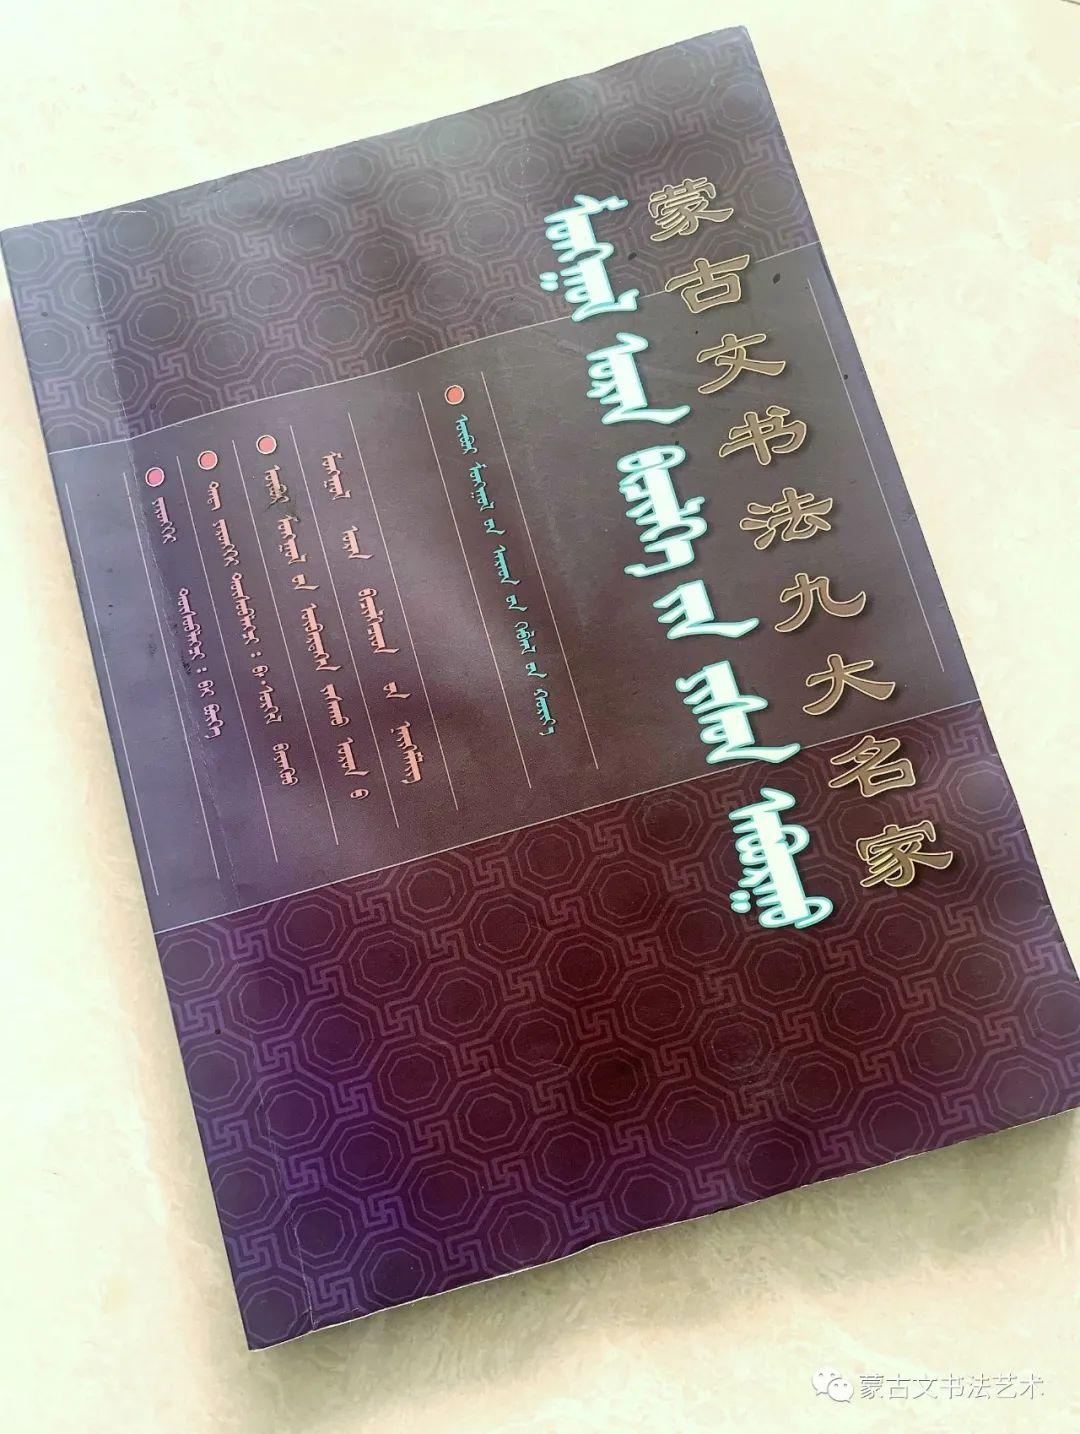 【书法书籍】蒙古文书法九大名家 第1张